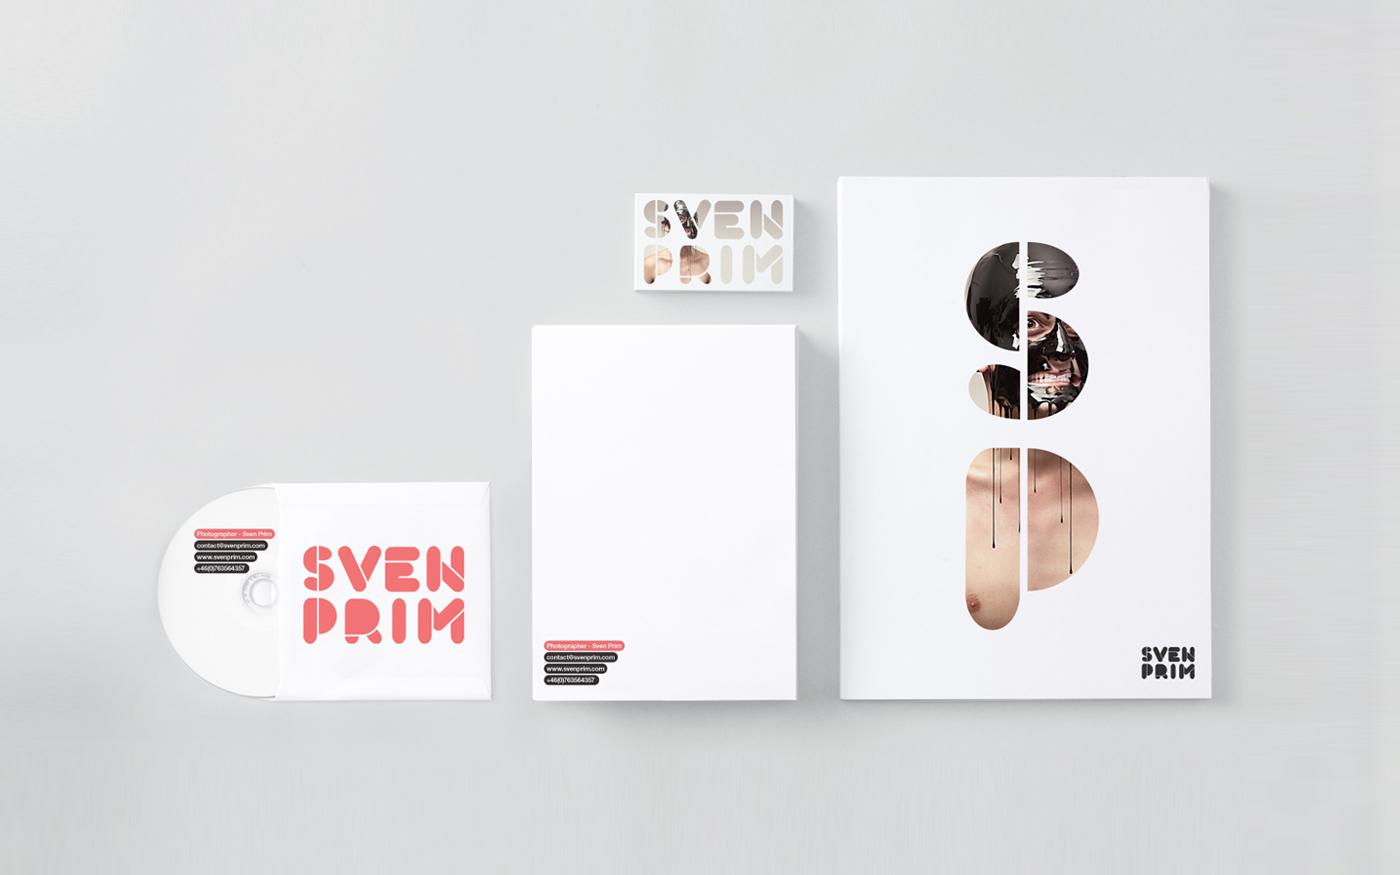 Sven Prim / Jesper Robinell